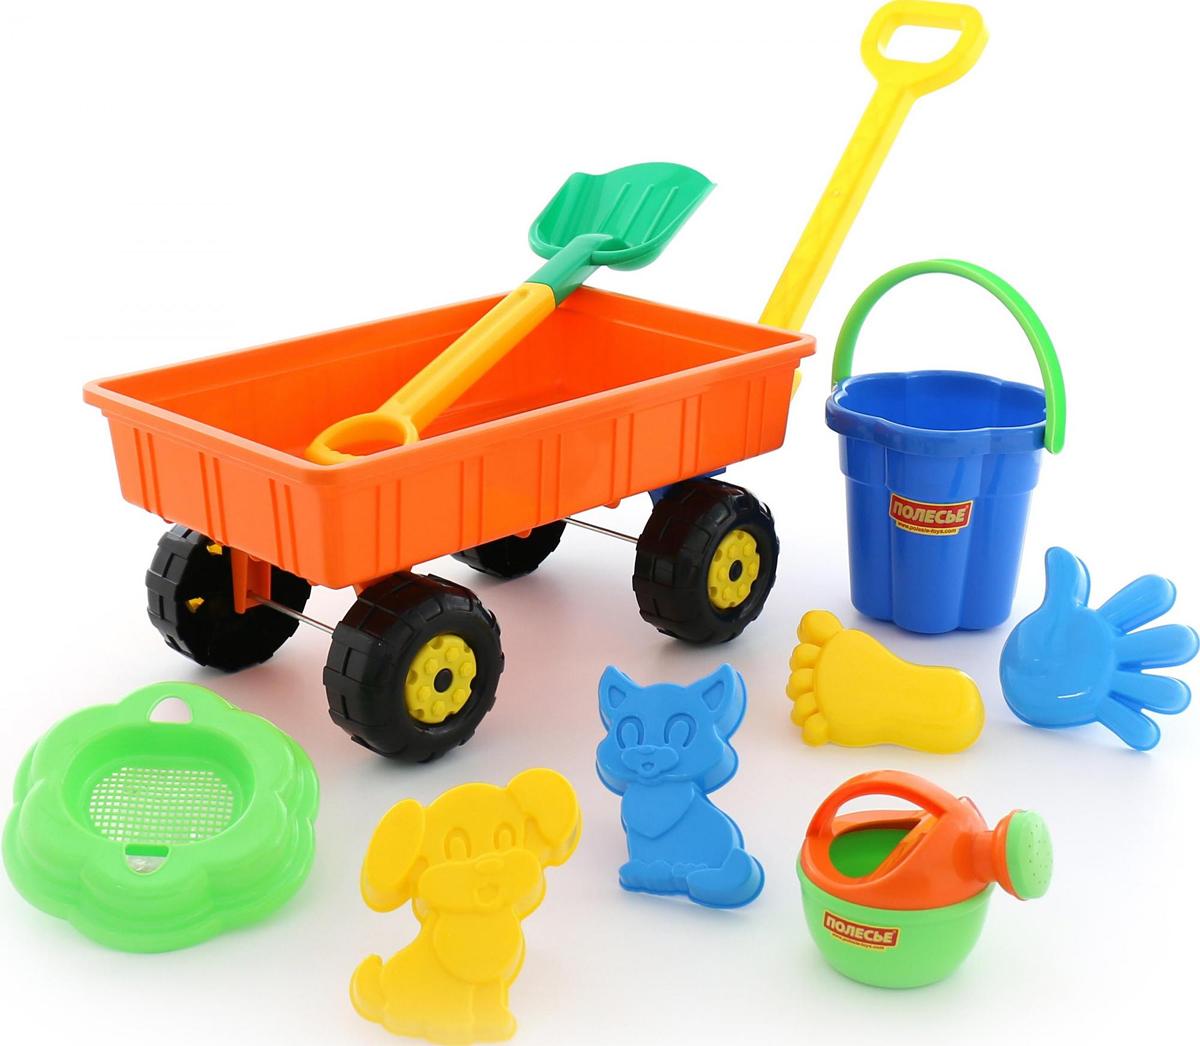 Полесье Набор игрушек для песочницы №382, цвет в ассортименте